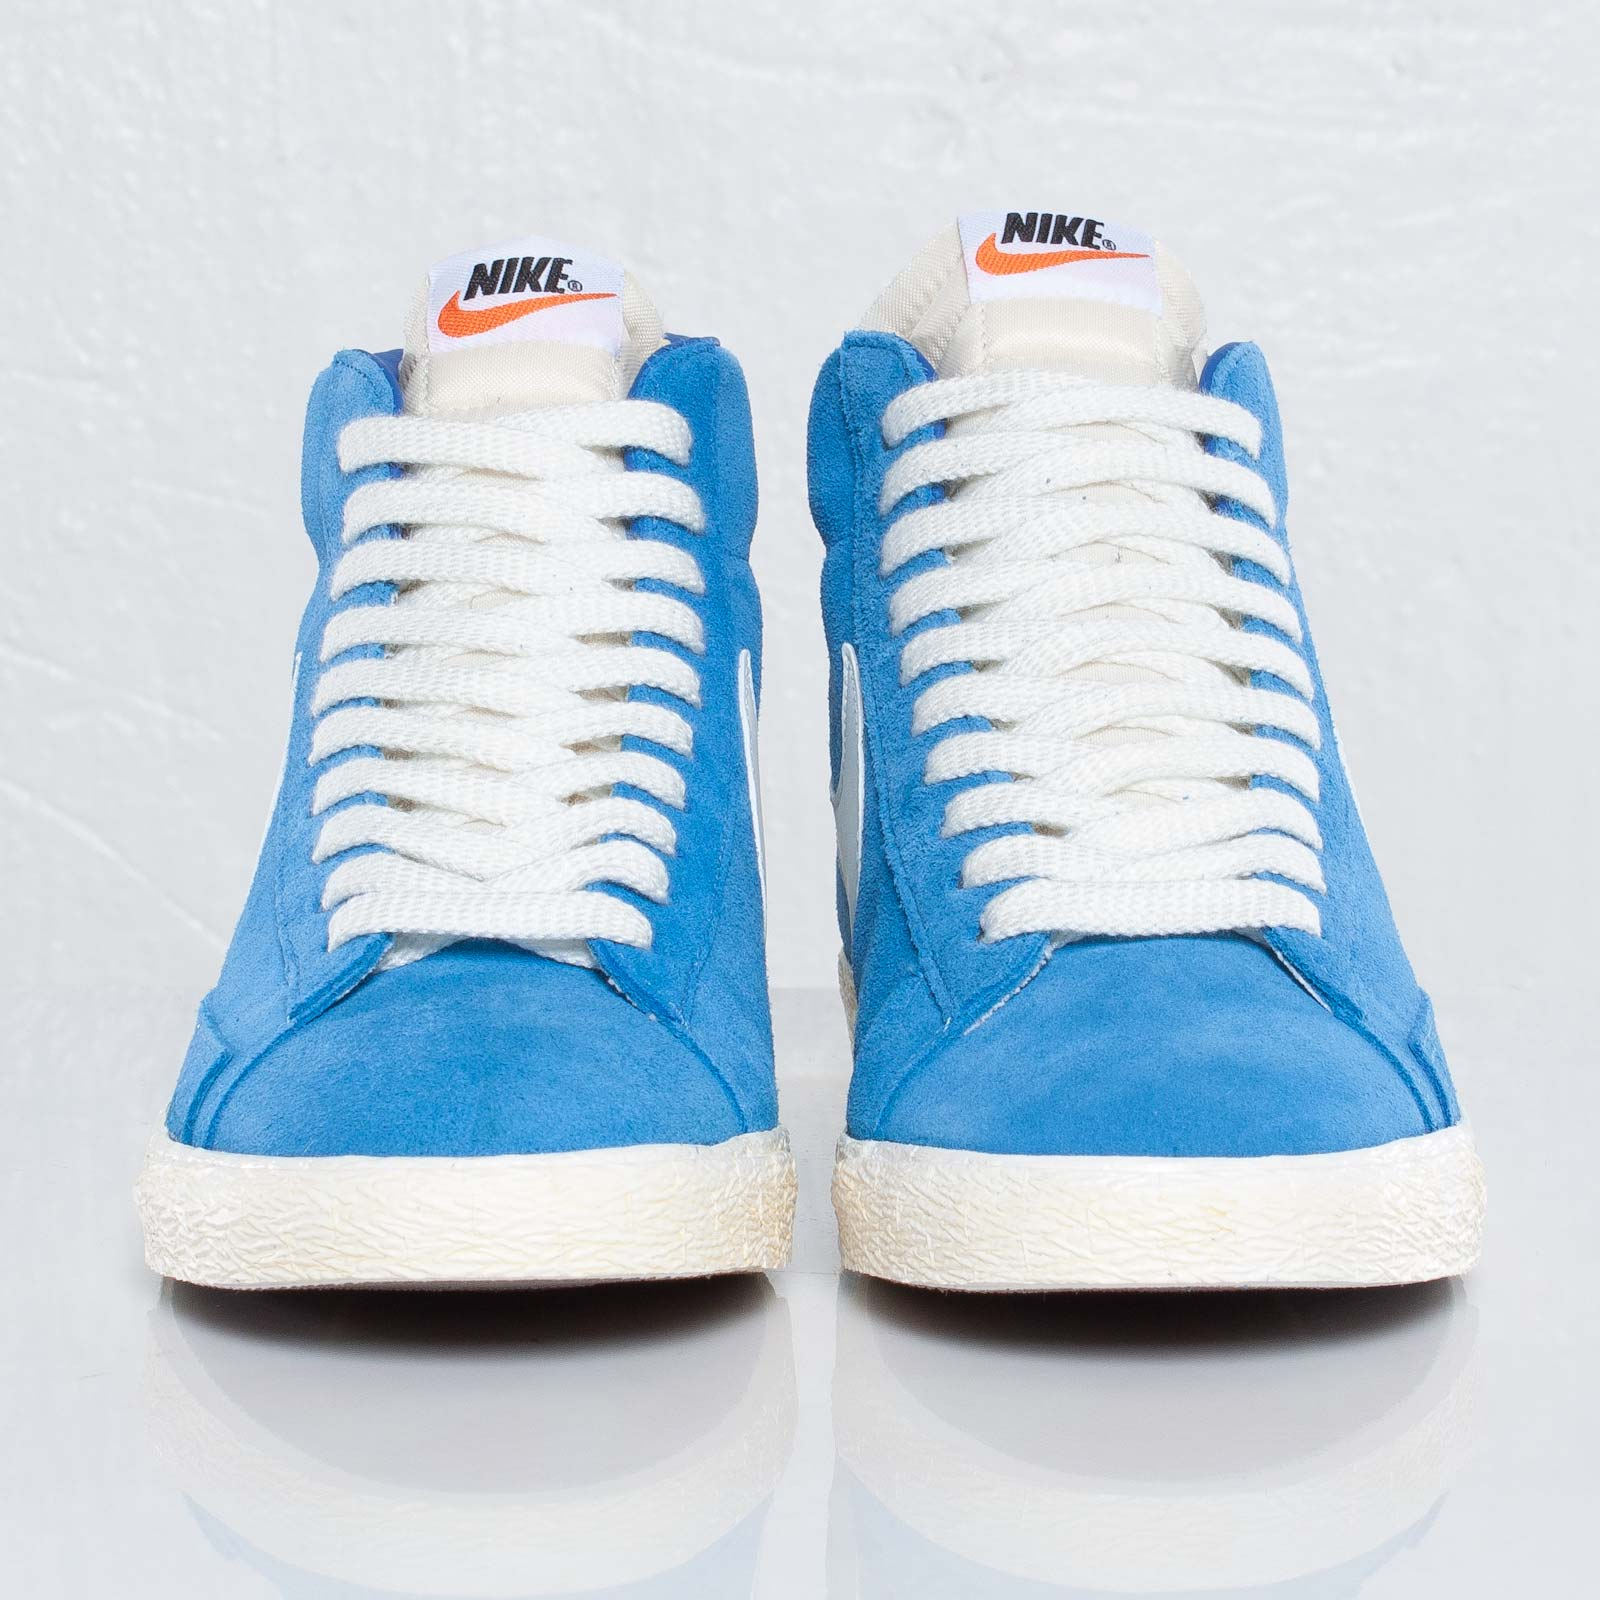 size 40 4a9f0 cfe1a ... Italy Blue Varsity Royal ... Nike Blazer Hi Suede Vintage Nike Blazer Hi  Suede Vintage .